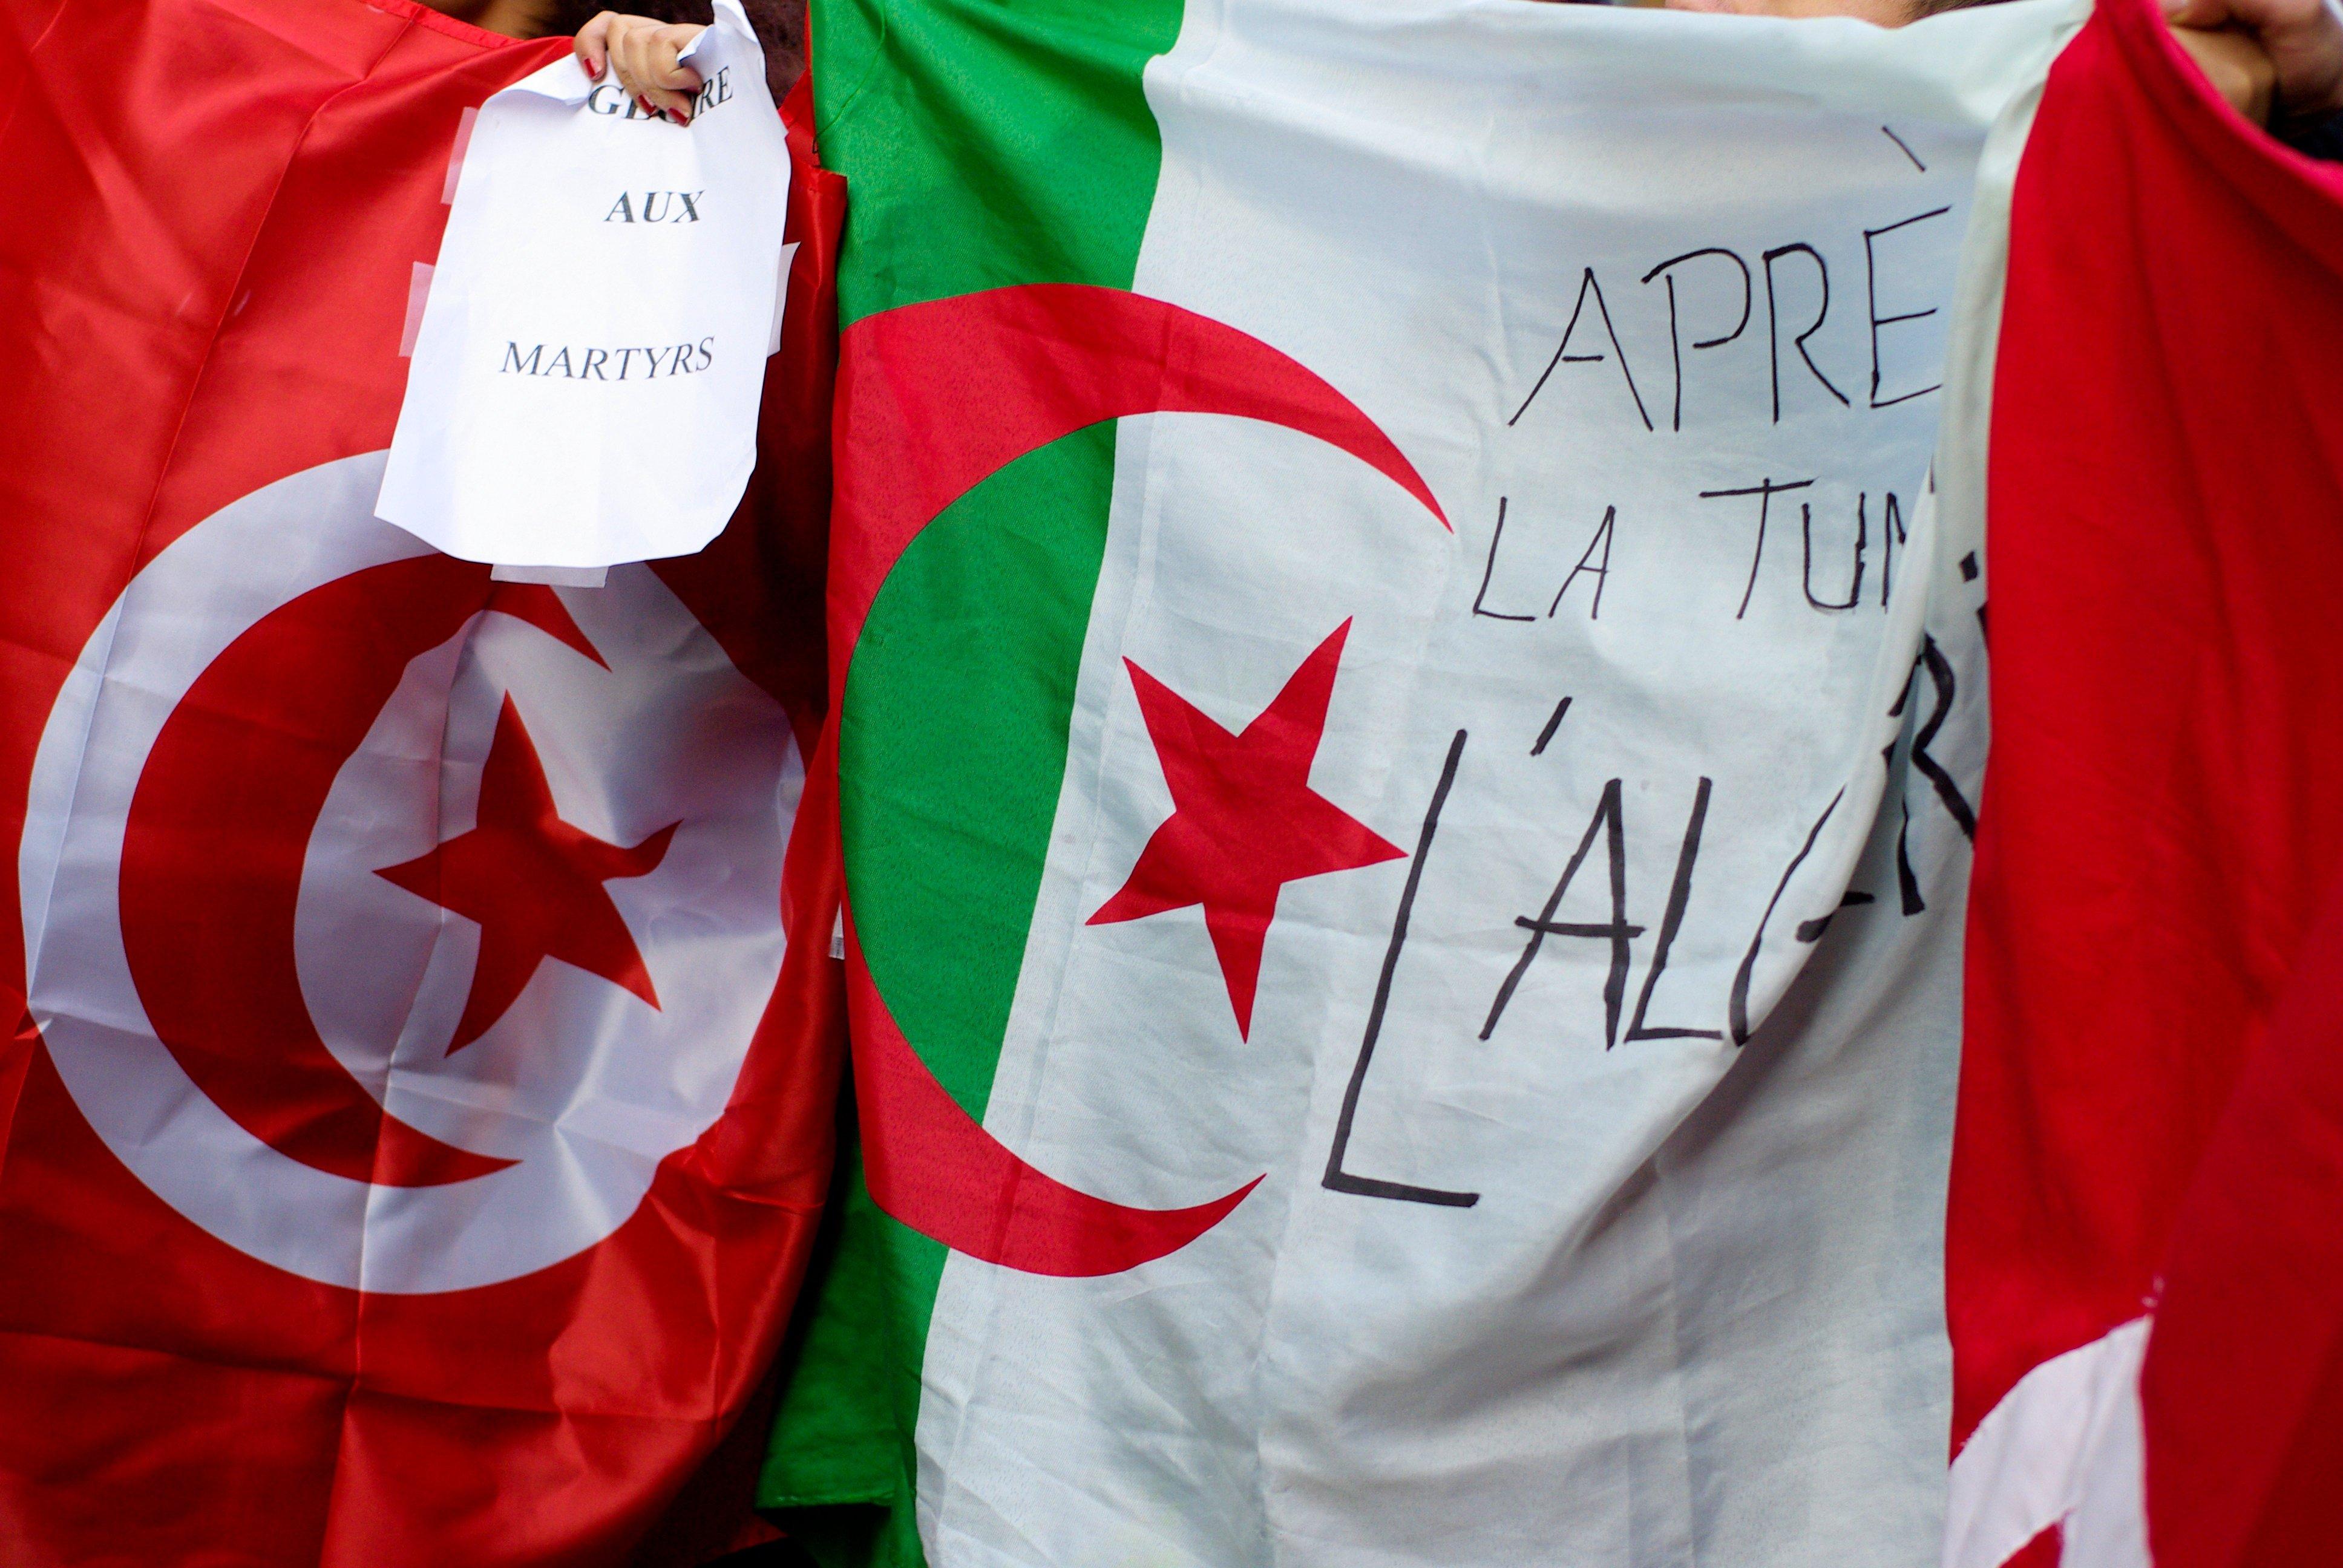 ANALİZ | Cezayir'de Anayasa değişikliği: Emekçiler lehine yine bir şey yok